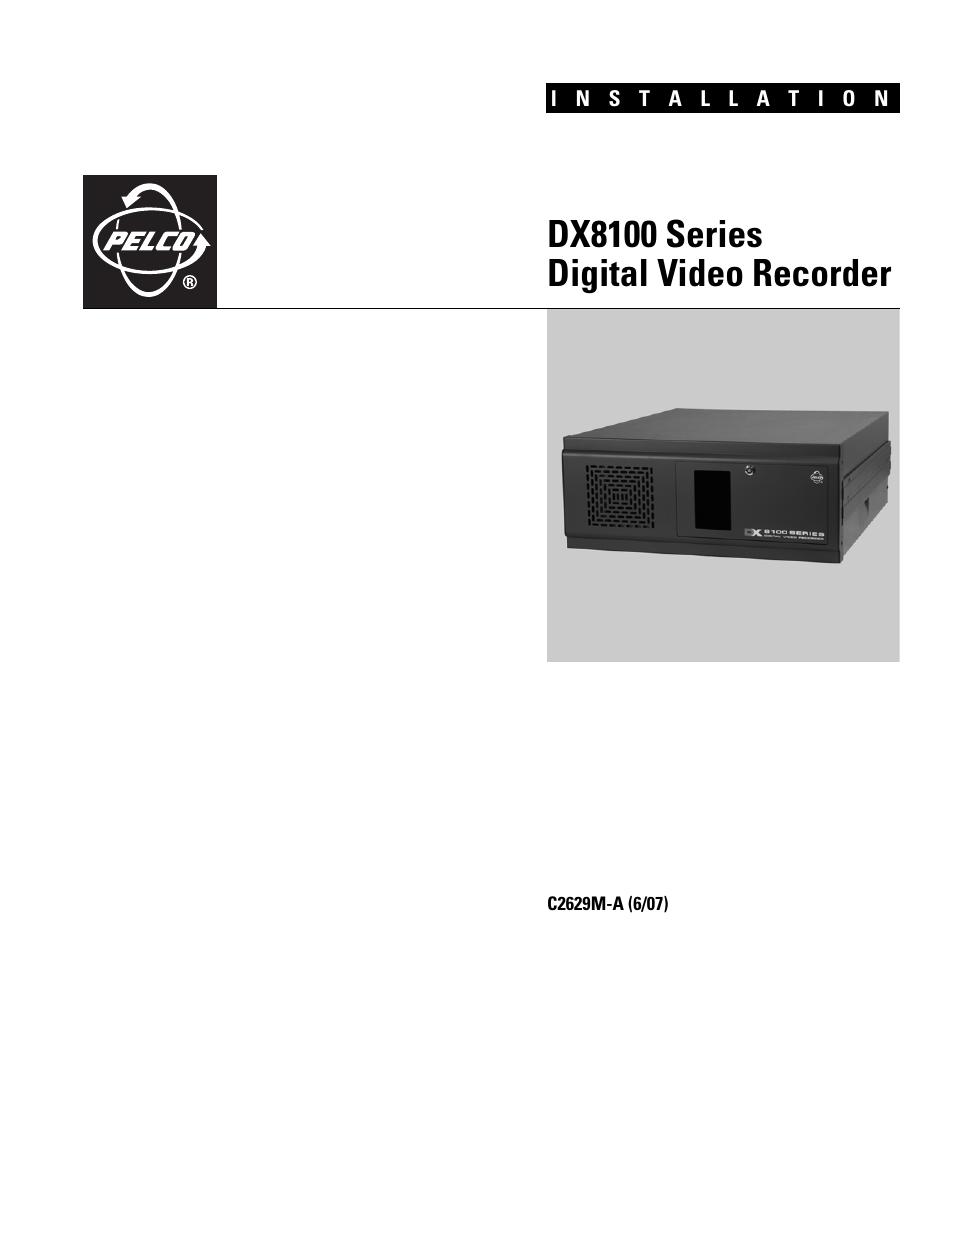 pelco dx8100 user manual 92 pages rh manualsdir com Pelco DX8100 Viewer pelco dx8000 user manual